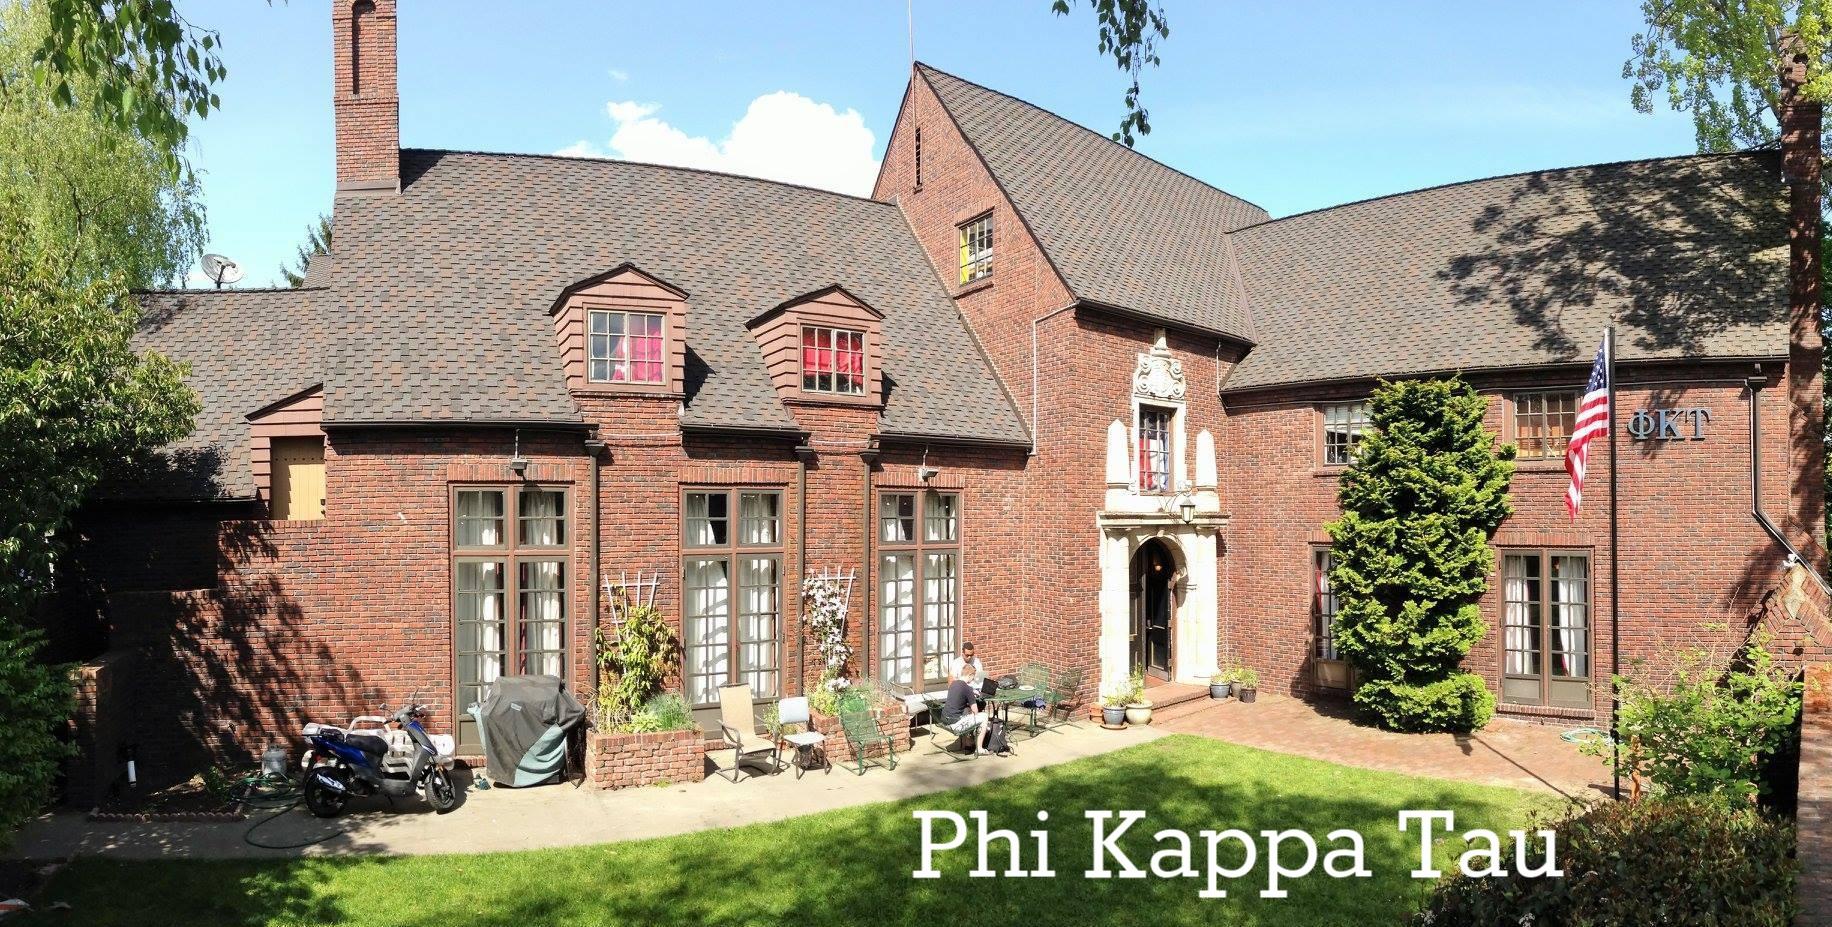 Phi Kappa Tau